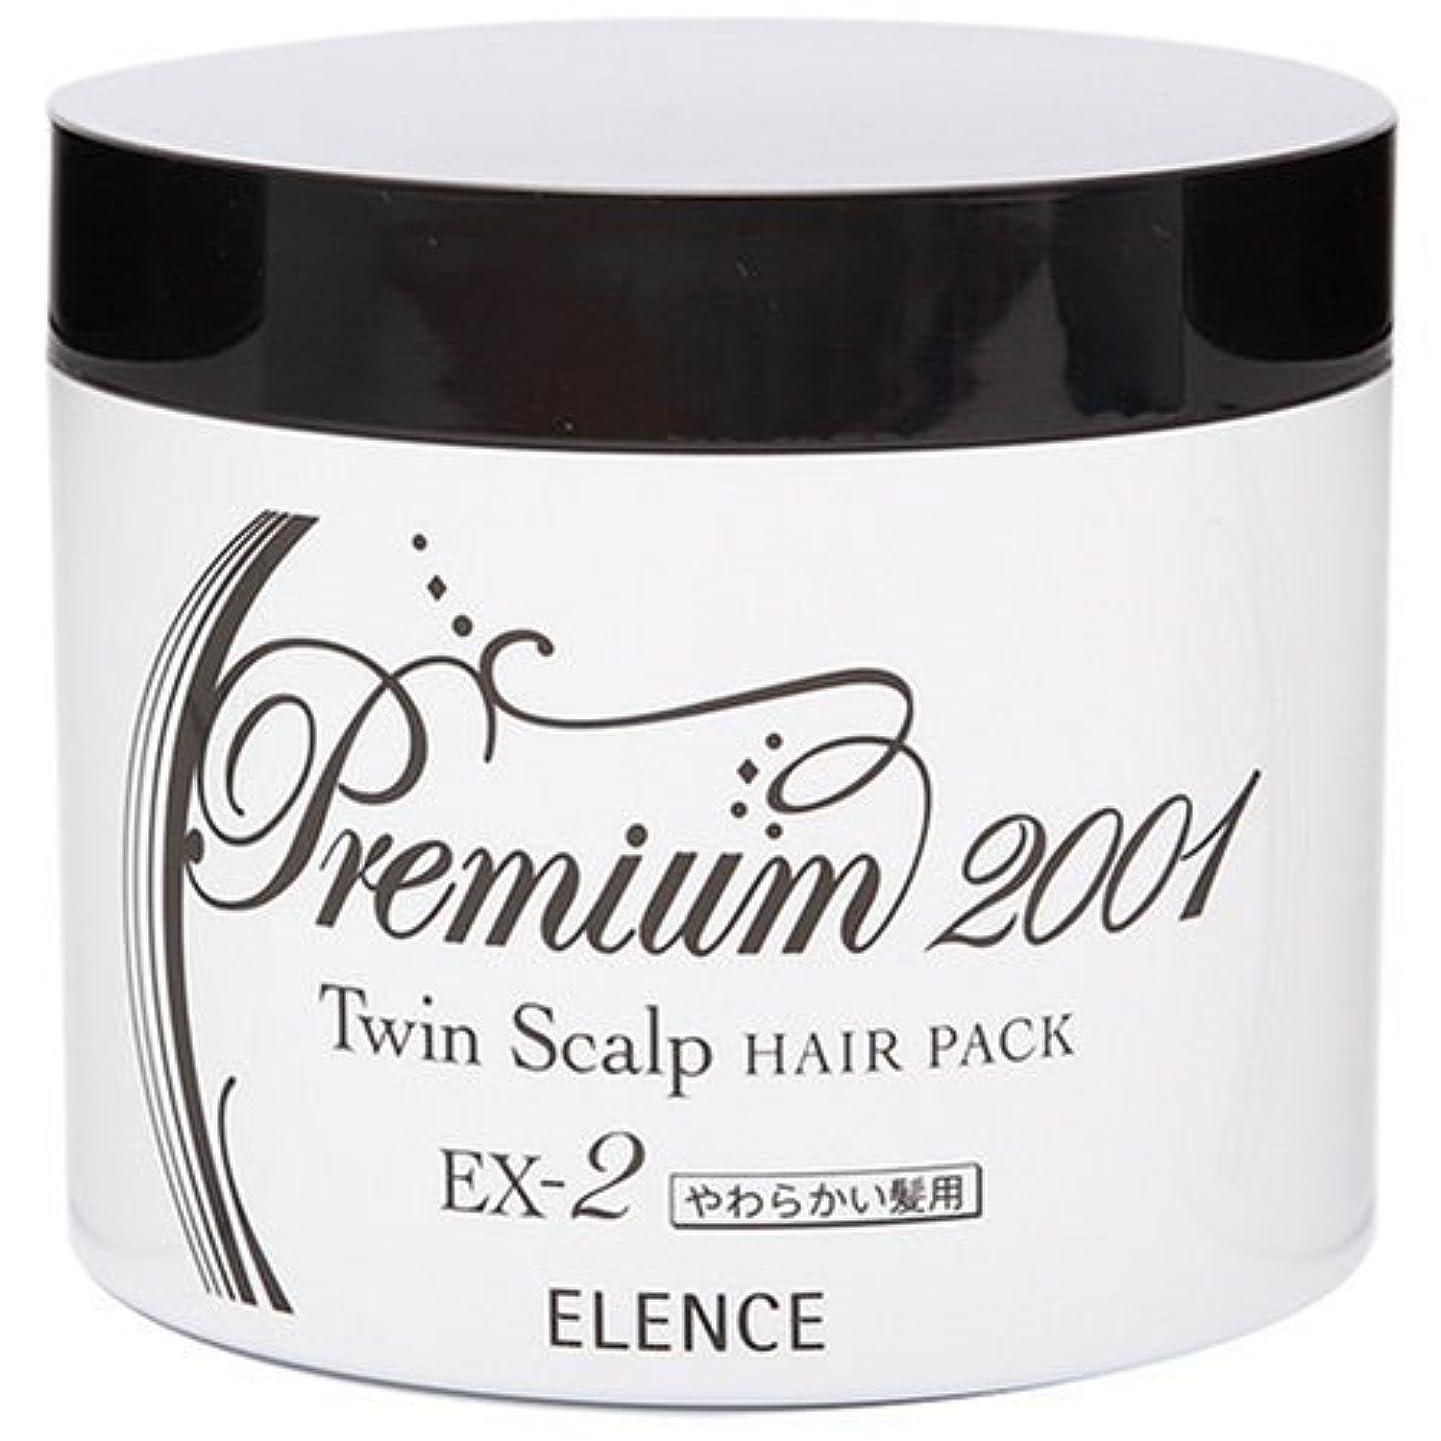 効率的に不純ウイルスエレンス2001 ツインスキャルプヘアパックEX-2(やわらかい髪用)